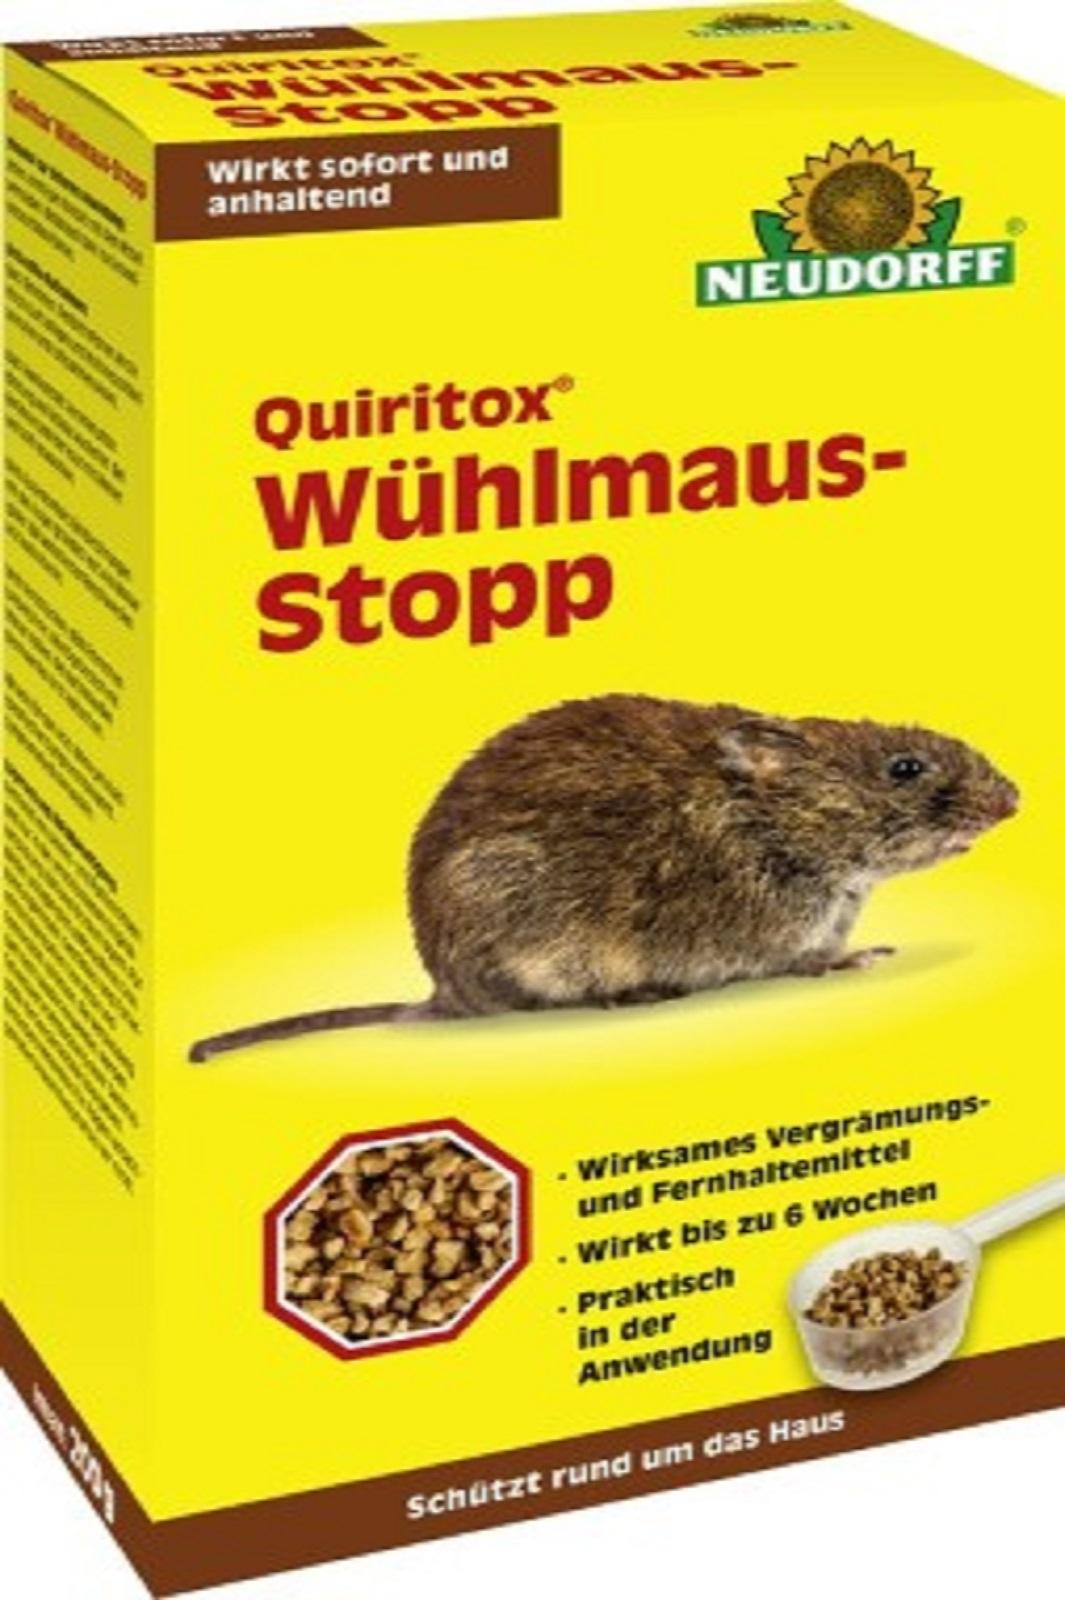 Neudorff  Quiritox Wühlmaus-Stopp Vertreibung von Wühlmäusen 200 g